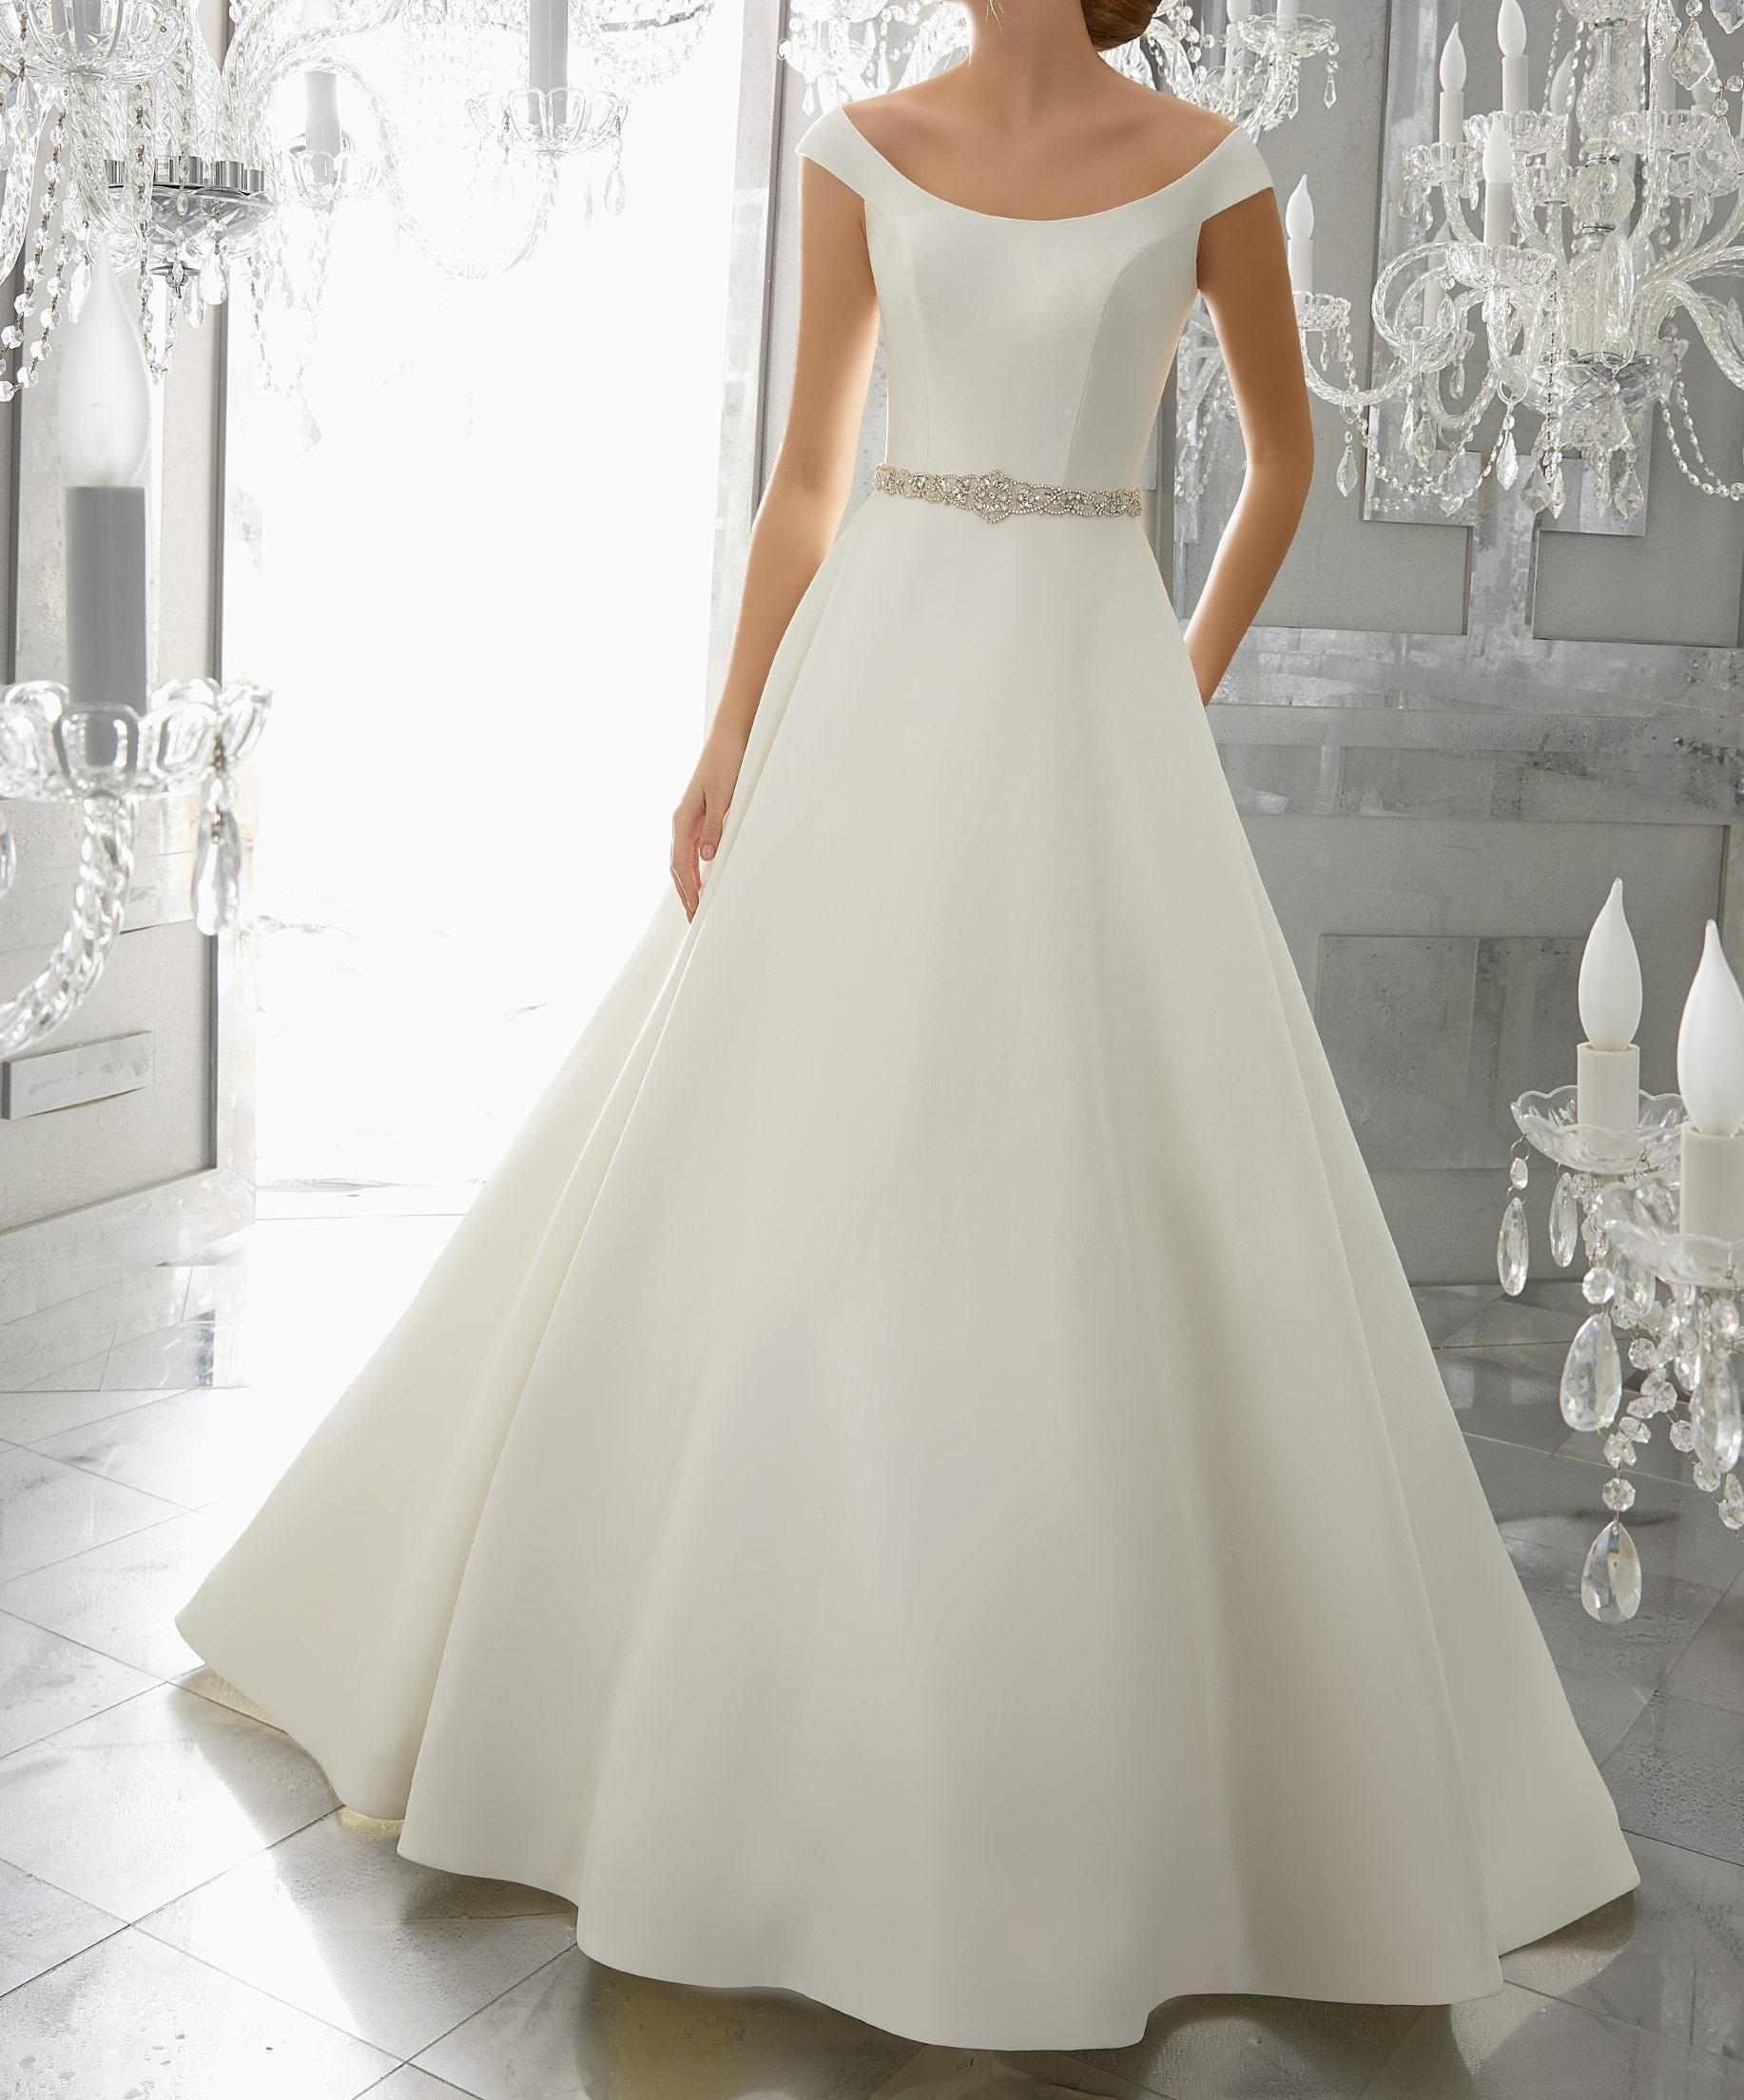 Scoop Neck Wedding Dress For Hire In Kenya Happy Wishy